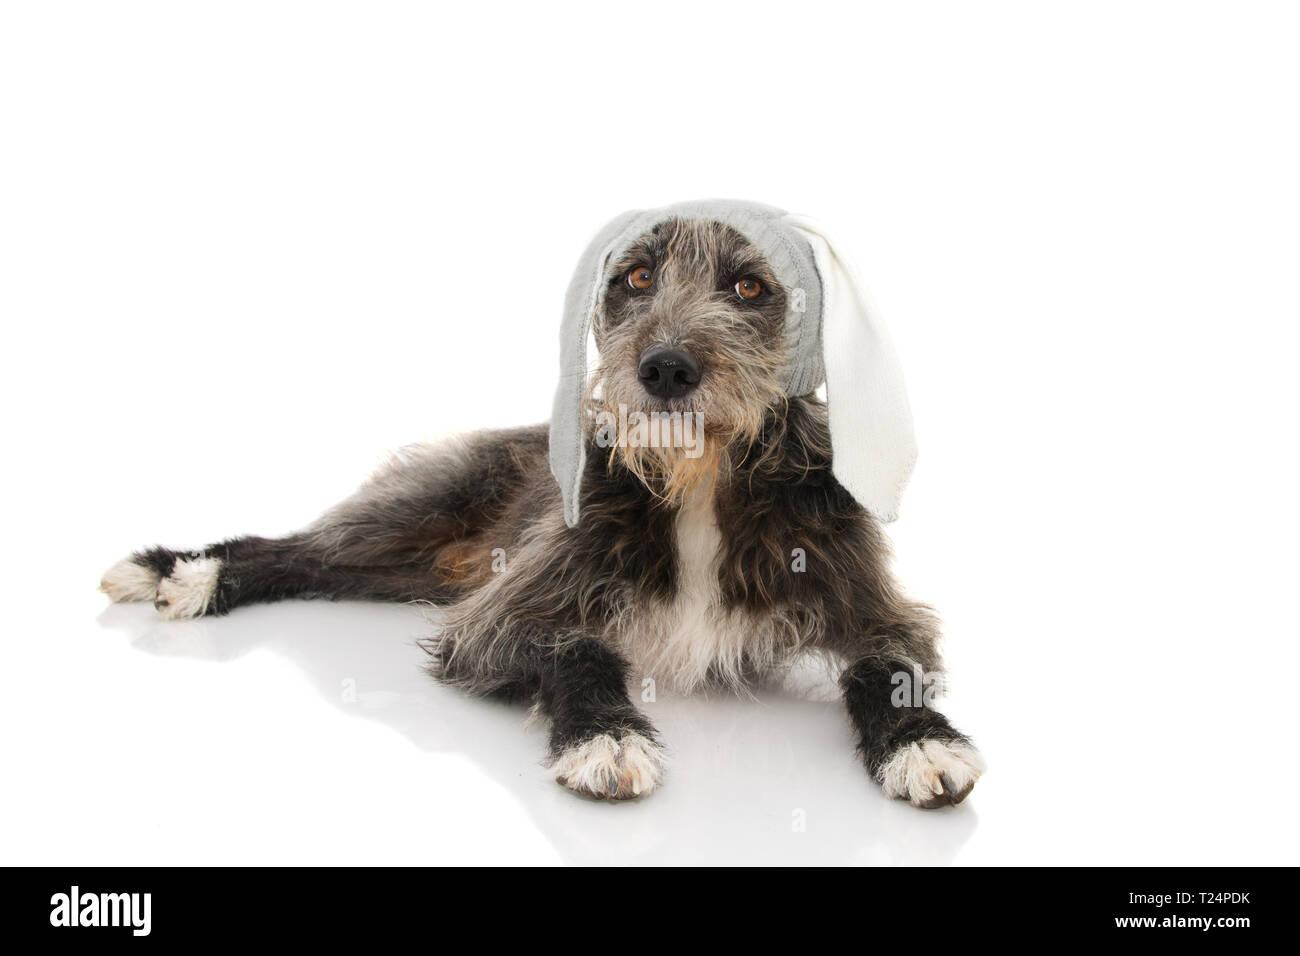 Coloriage Chien Lhassa Apso.Funny Chien De Paques Chiot Noir Portant Des Oreilles De Lapin Hat